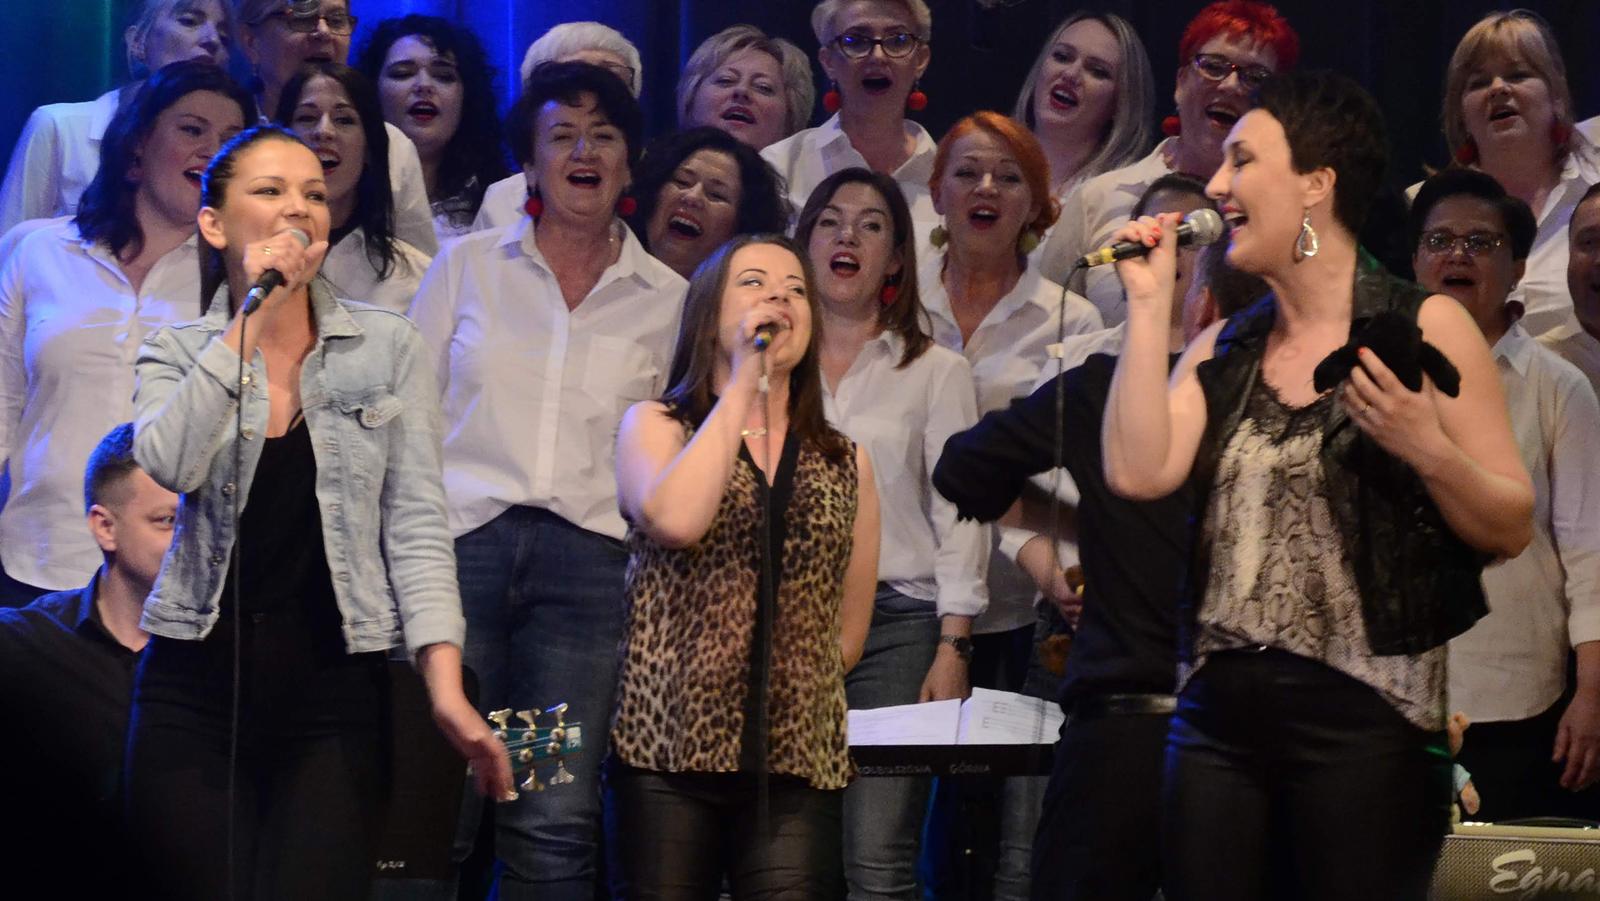 Muzyka ludowa w nowej odsłonie. Wyjątkowy koncert grupy T.O.N. w Kolbuszowej - Zdjęcie główne